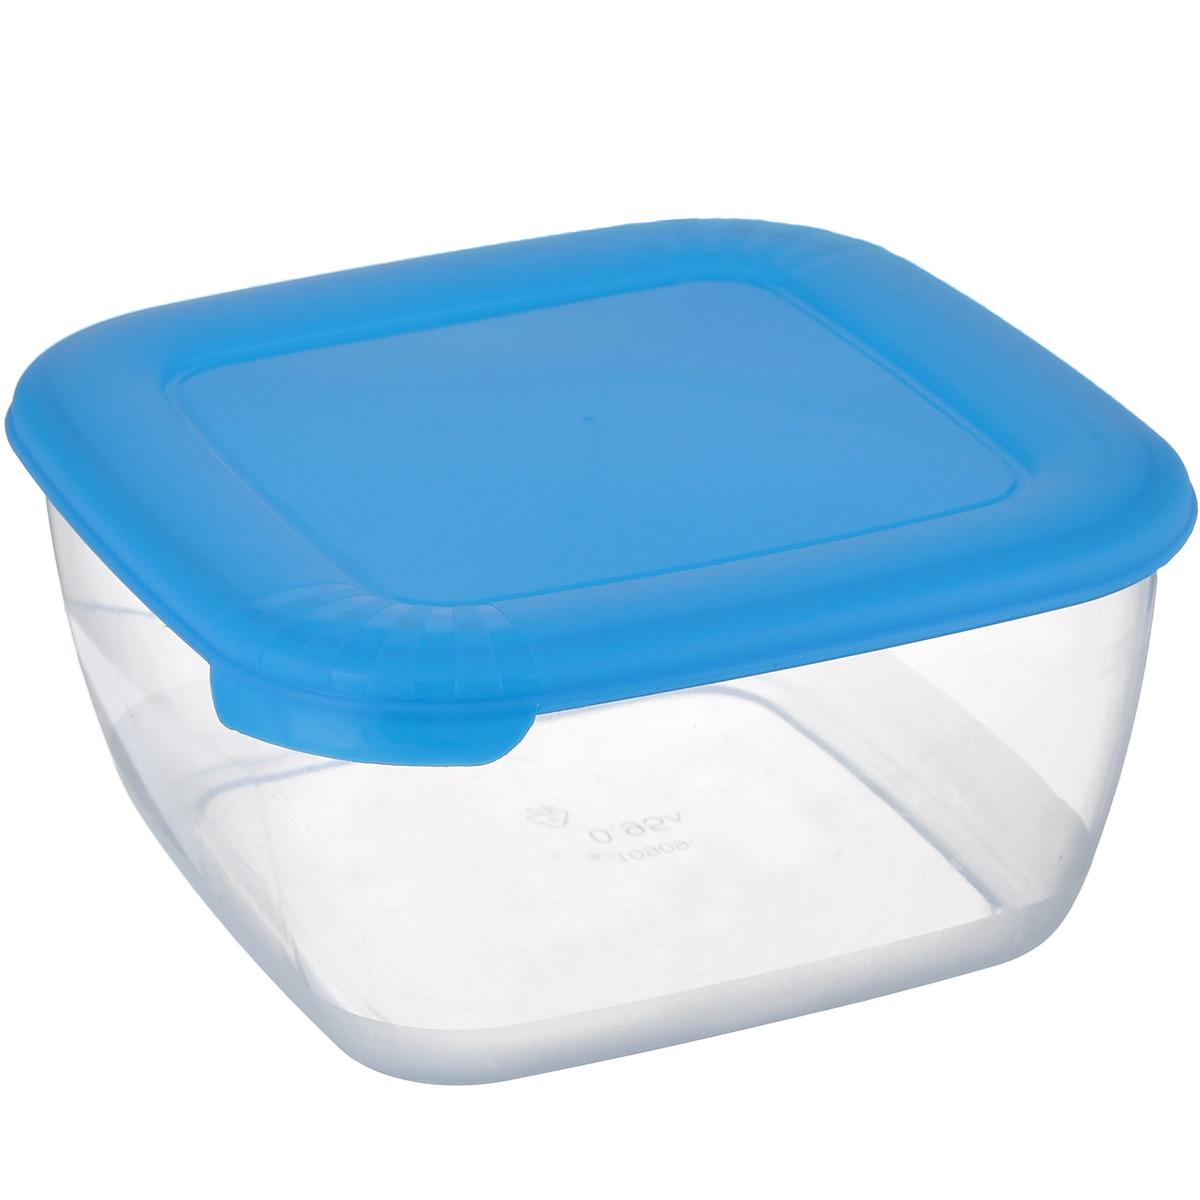 Контейнер для СВЧ Полимербыт Лайт, цвет: голубой, прозрачный, 950 млС541 голубойКонтейнер Полимербыт Лайт квадратной формы, изготовленный из прочного пластика, предназначен специально для хранения пищевых продуктов. Крышка легко открывается и плотно закрывается. Контейнер устойчив к воздействию масел и жиров, легко моется. Прозрачные стенки позволяют видеть содержимое. Контейнер имеет возможность хранения продуктов глубокой заморозки, обладает высокой прочностью. Можно мыть в посудомоечной машине. Контейнер подходит для использования в микроволновой печи без крышки, а также для заморозки в морозильной камере.